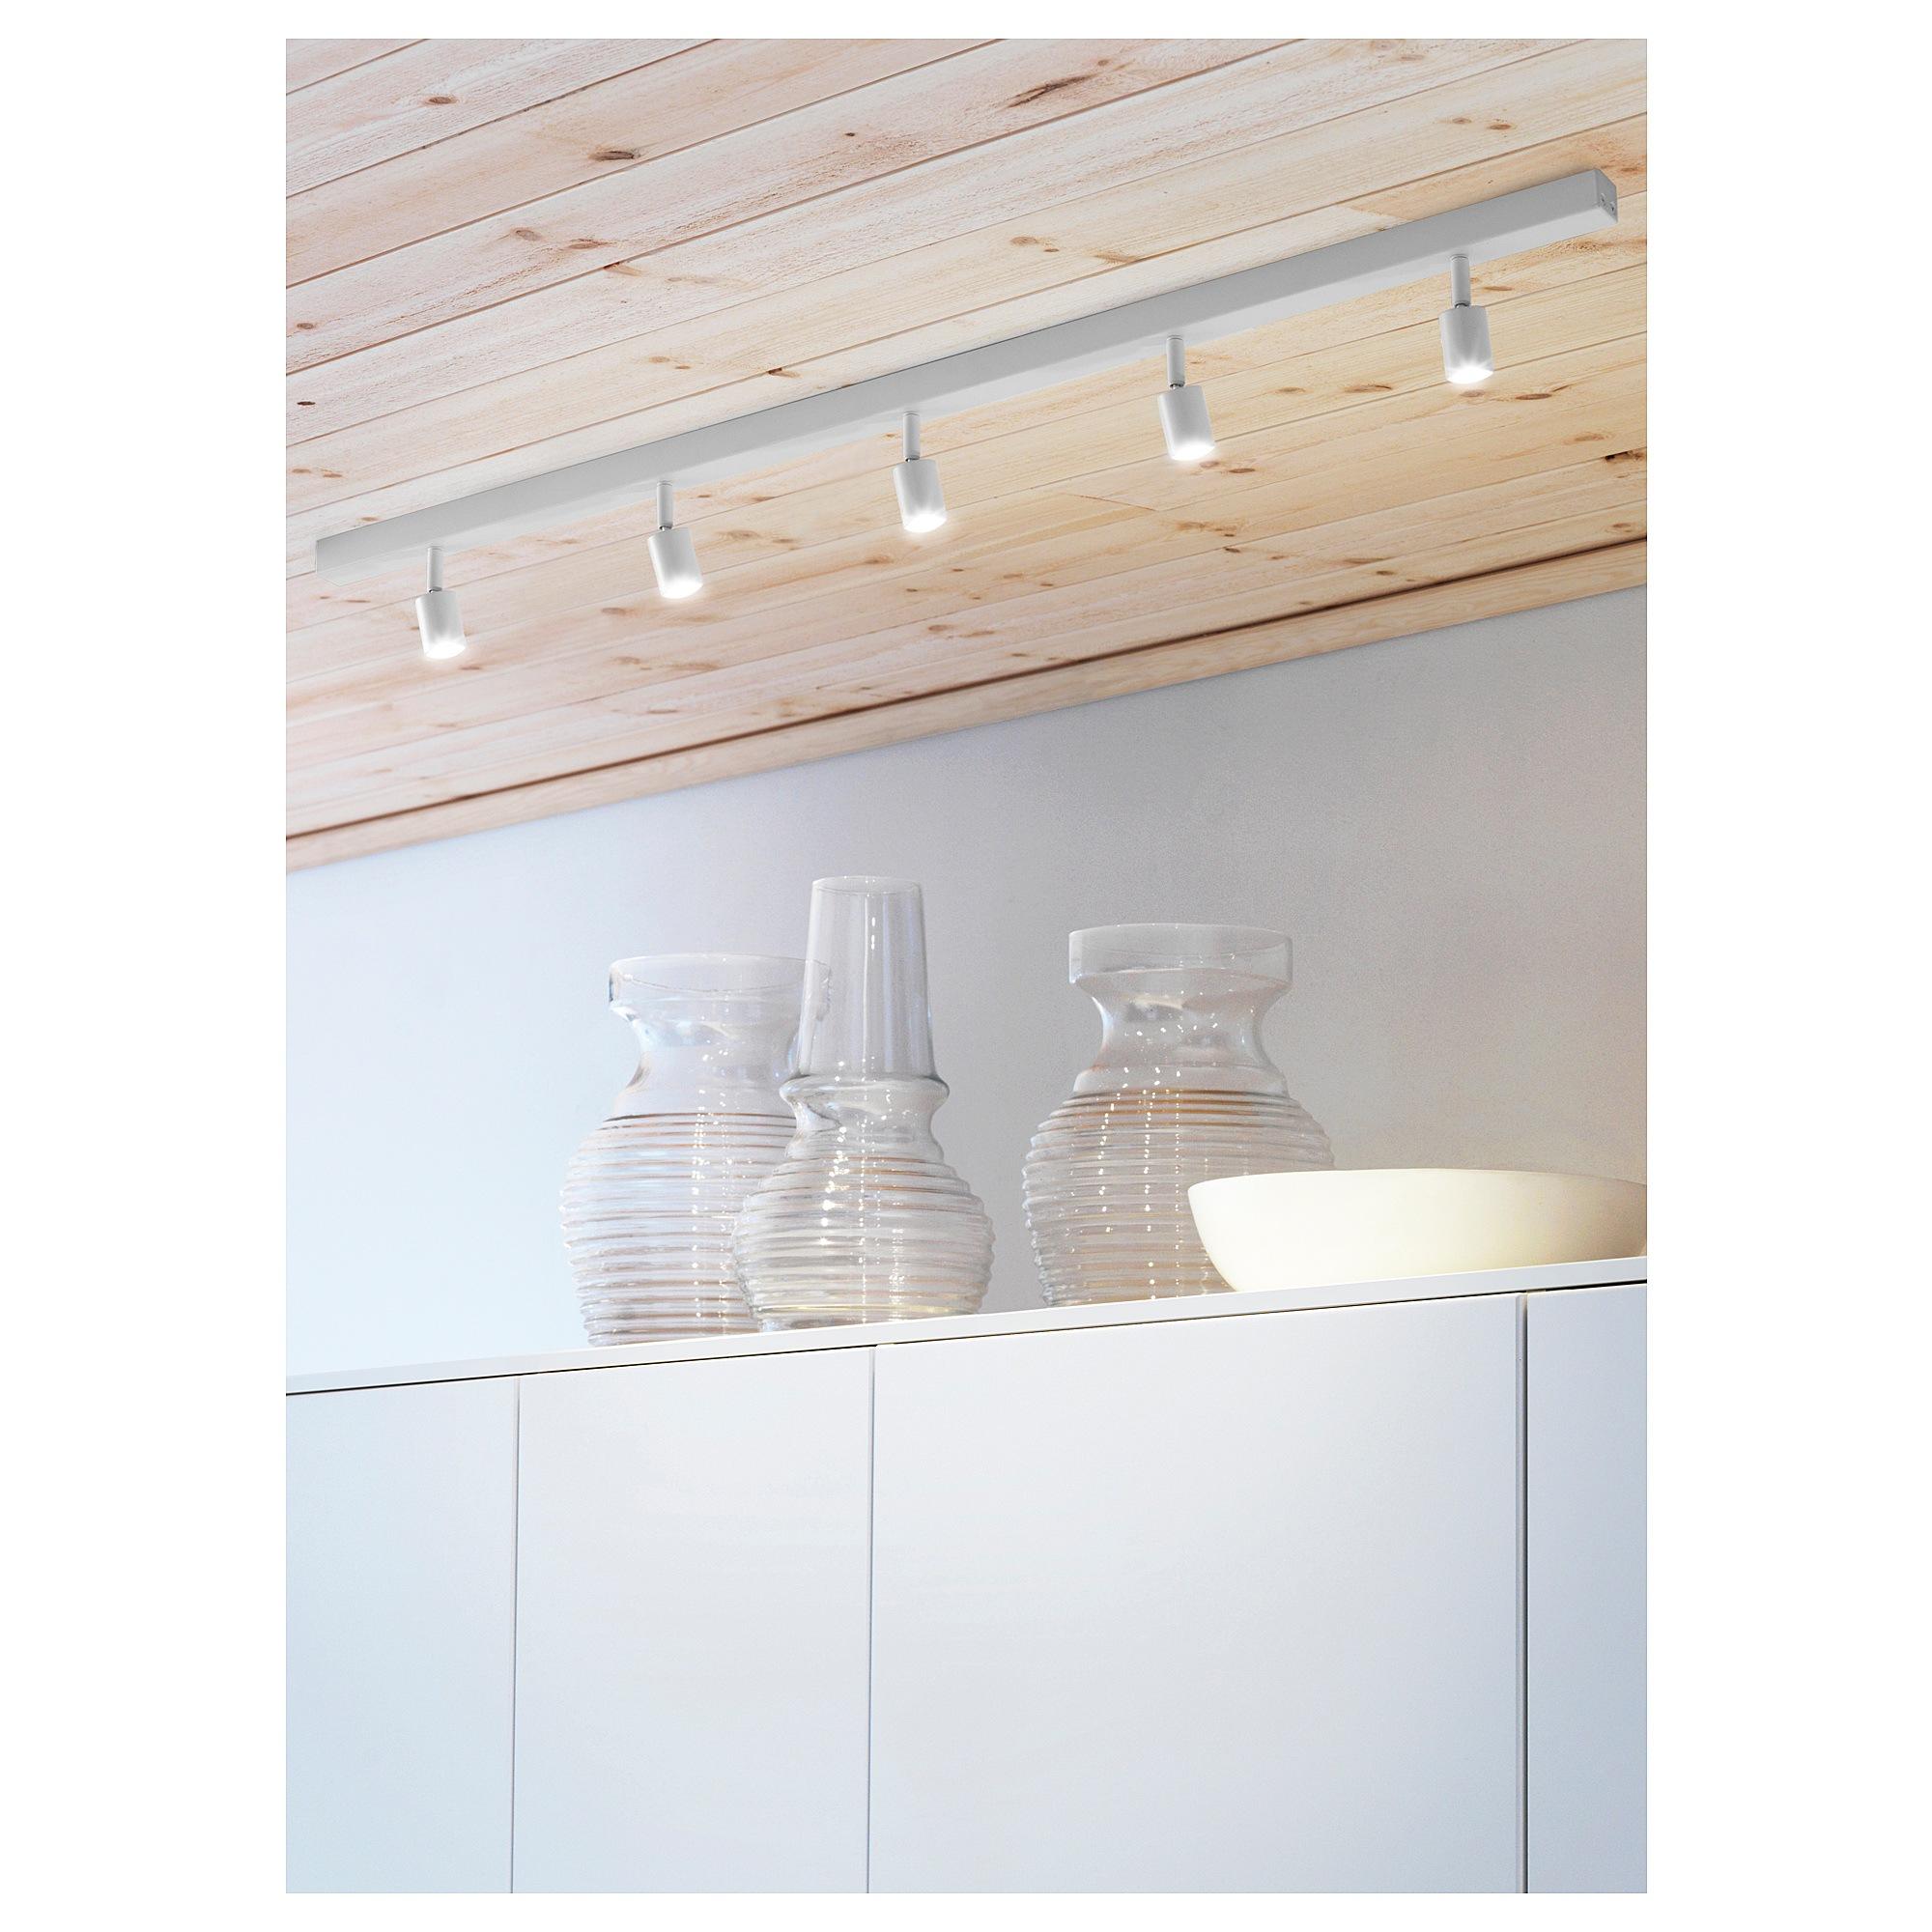 Full Size of Ikea Deckenlampe Bve Led Deckenschiene Mit 3 Spots In Wei Schlafzimmer Sofa Schlaffunktion Deckenlampen Für Wohnzimmer Küche Kosten Kaufen Modulküche Wohnzimmer Ikea Deckenlampe